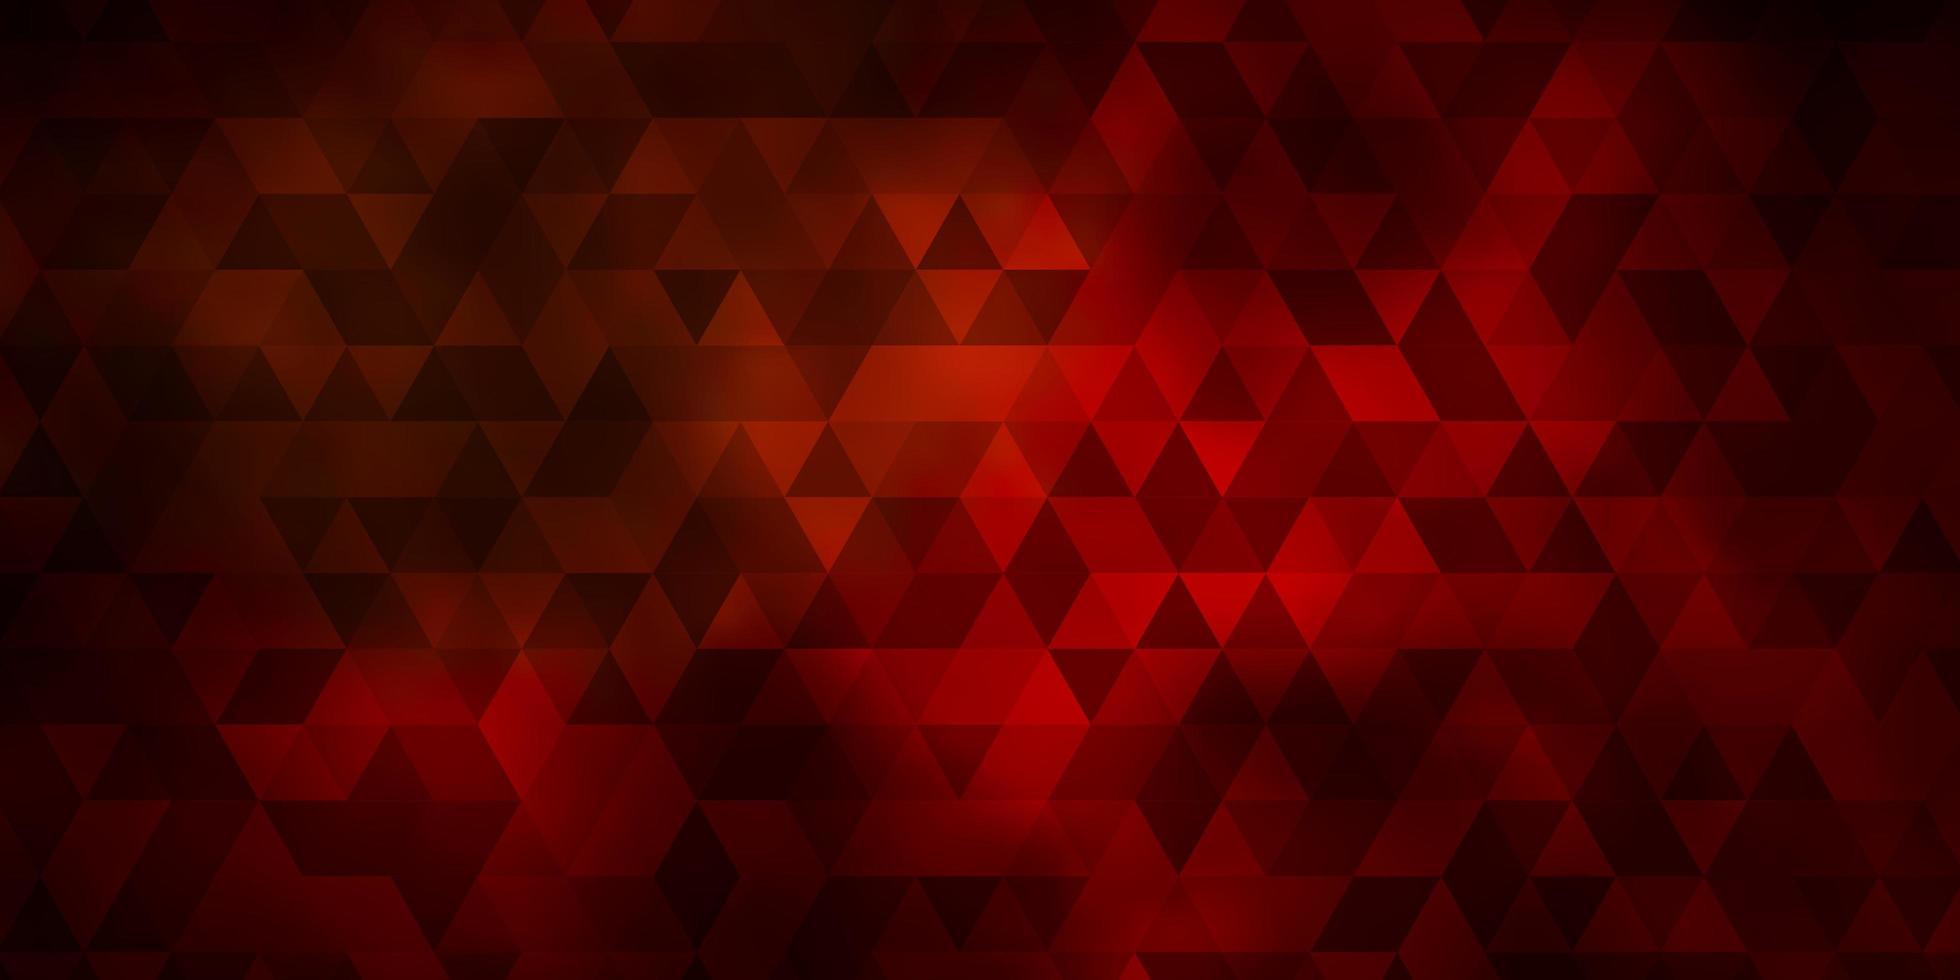 motif rouge foncé avec un style polygonal. vecteur